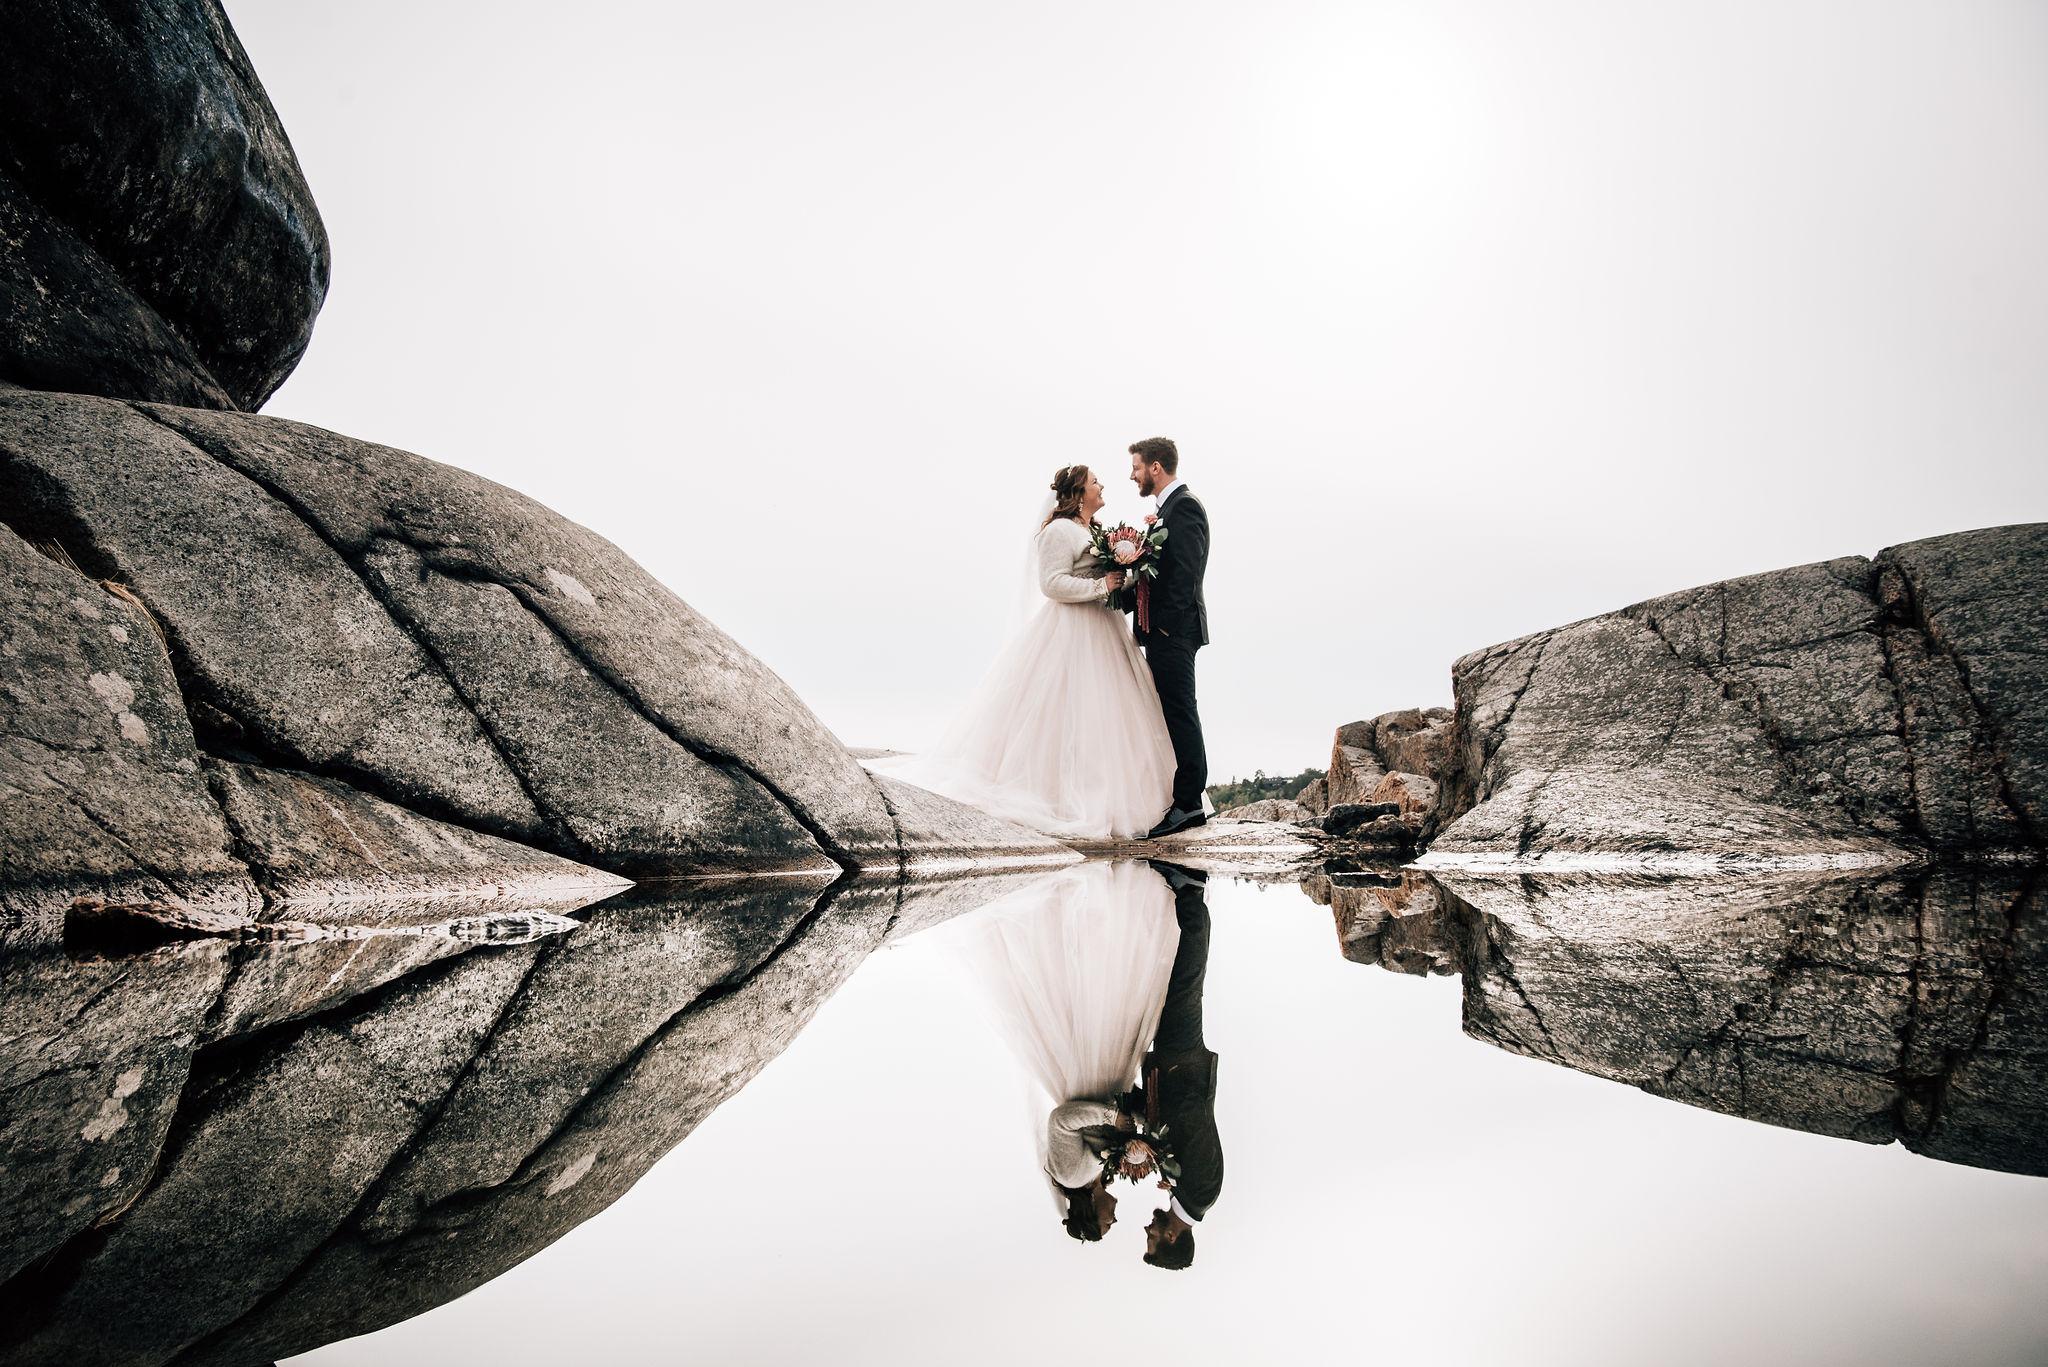 oslo-fotograf-bryllup-2